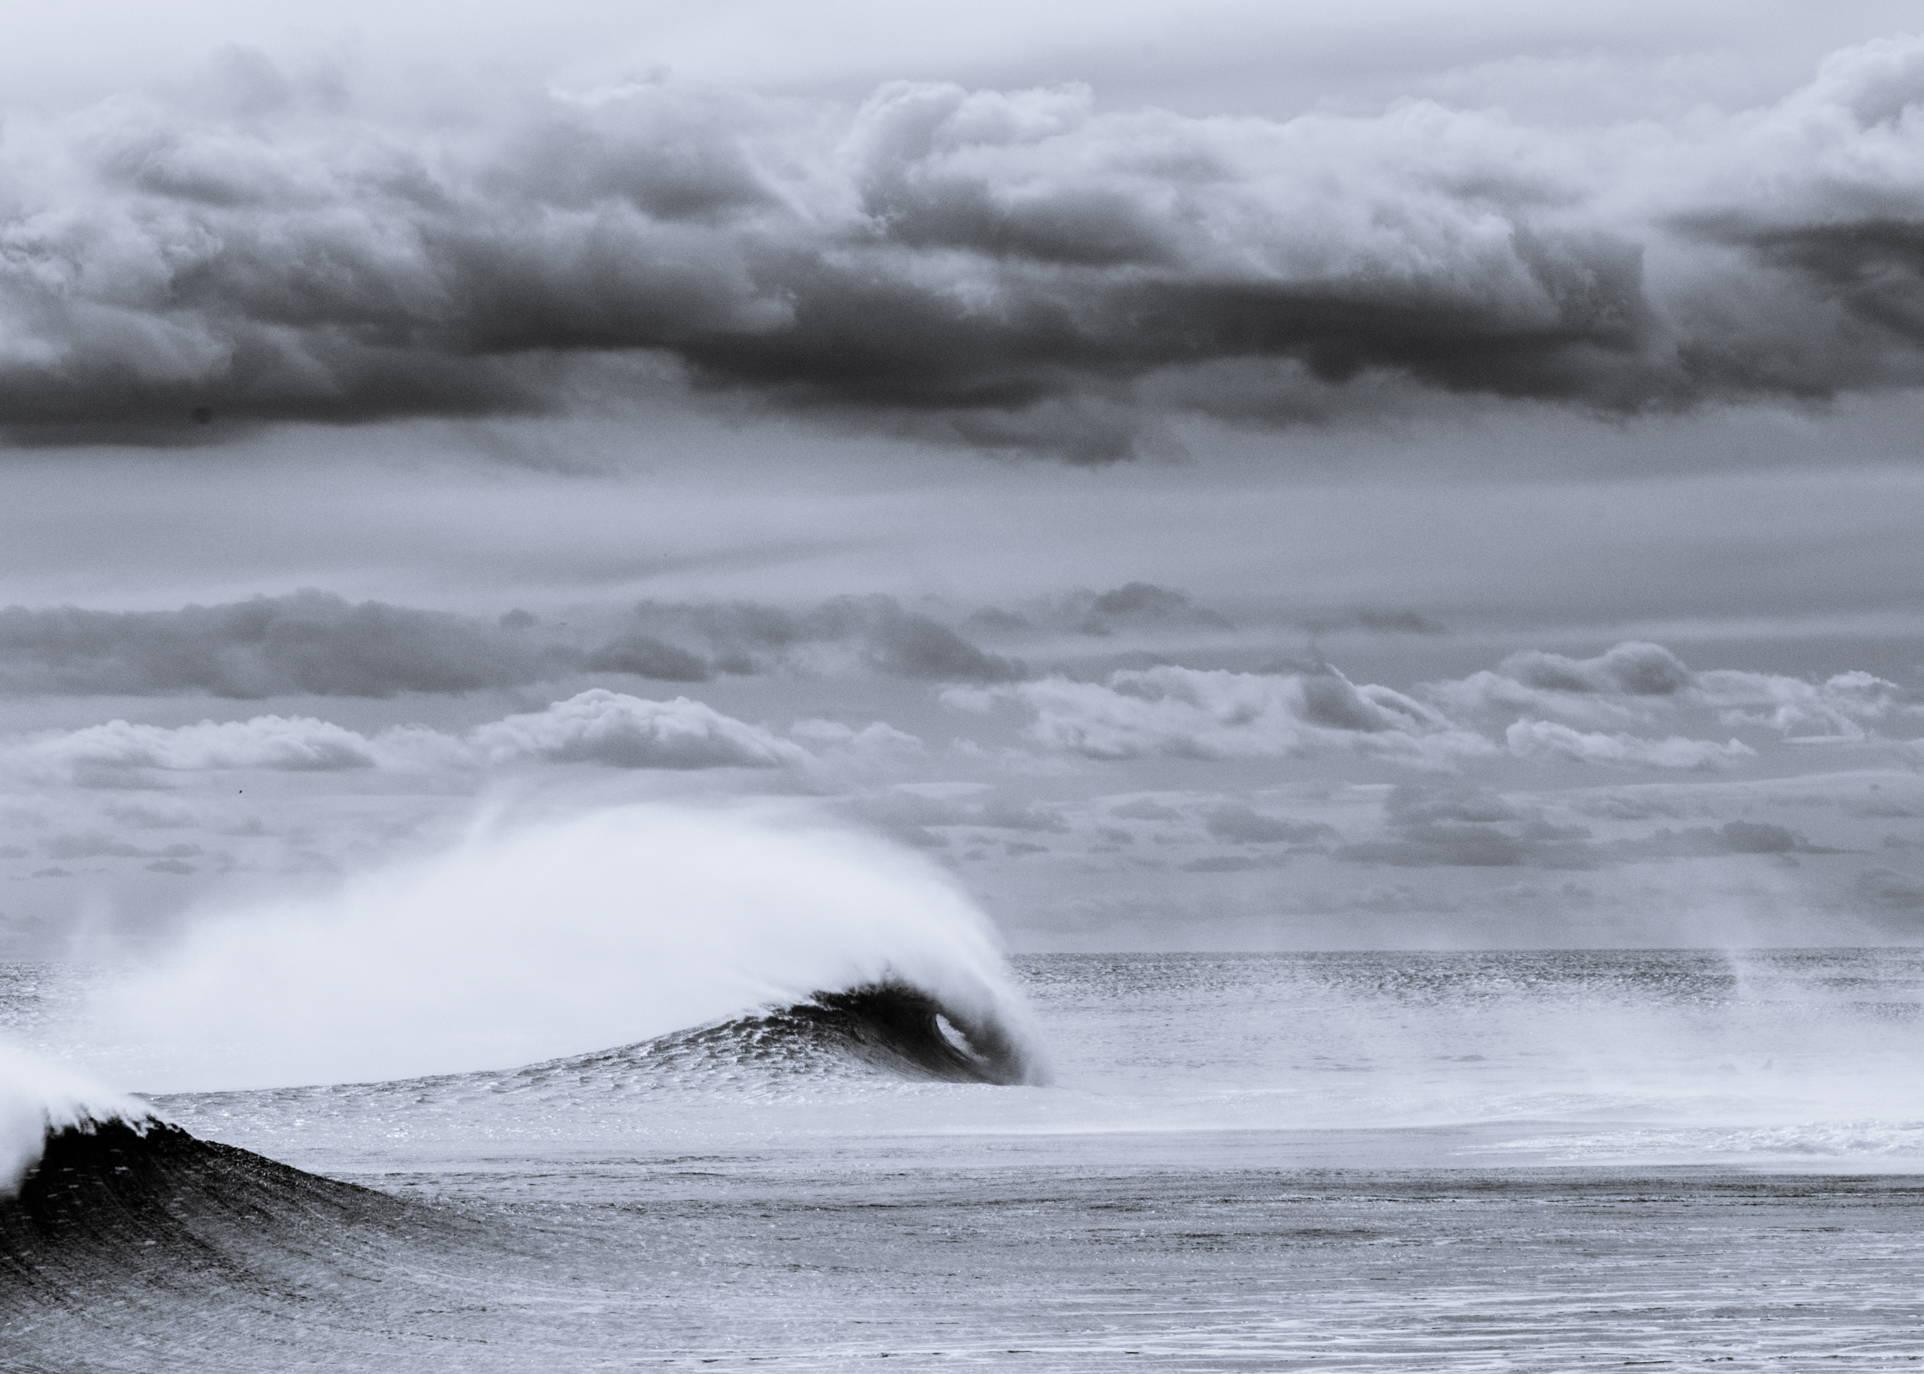 Photo by Mike Vitello